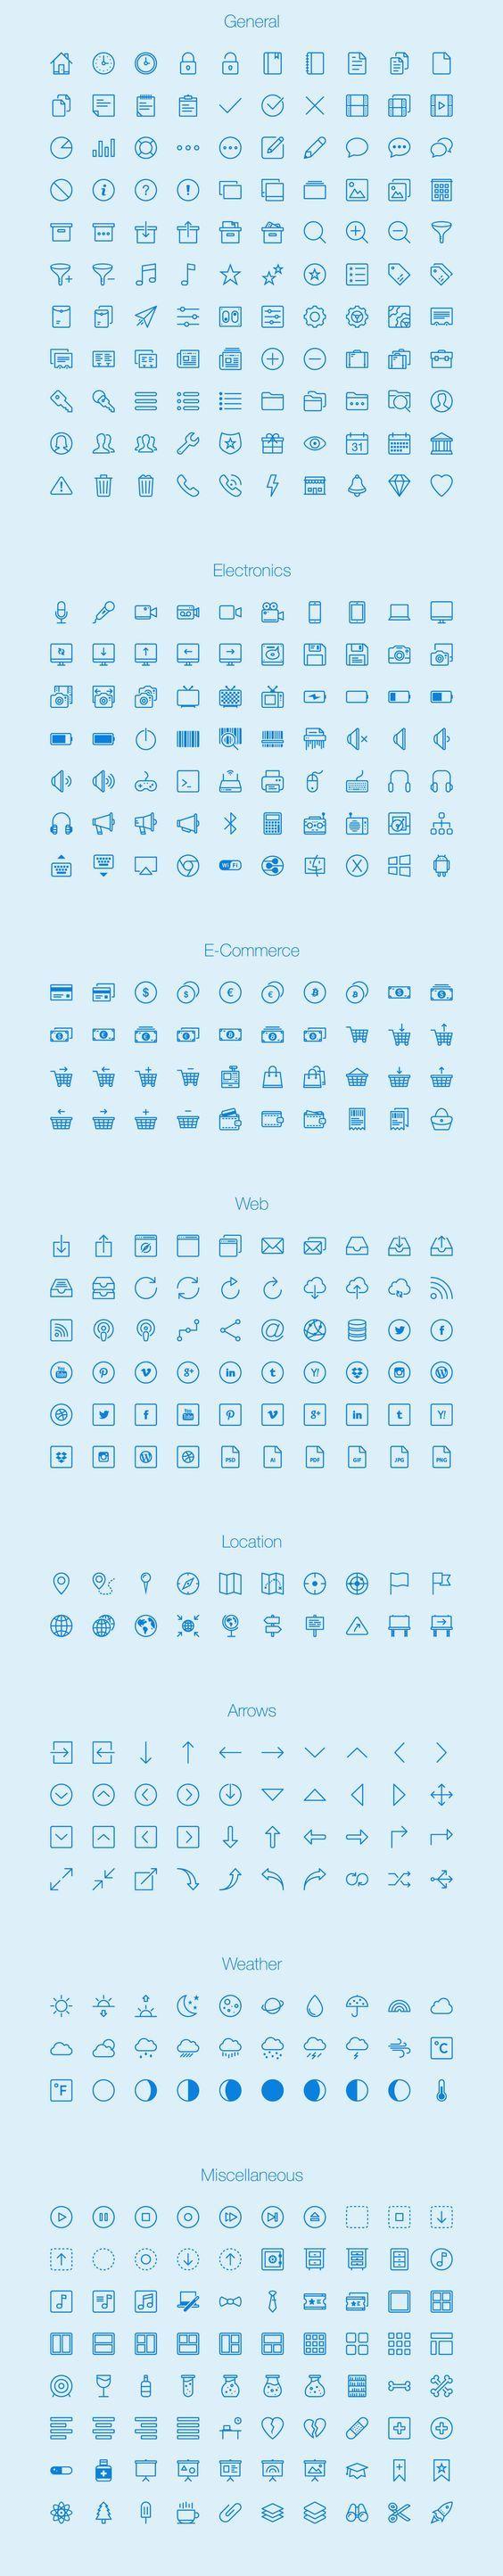 20 Packs D Icones Specialises Gratuits Pour Vos Projets De E Commerce Blog Du Webdesign Facilitation Graphique Picto Icone Gratuit